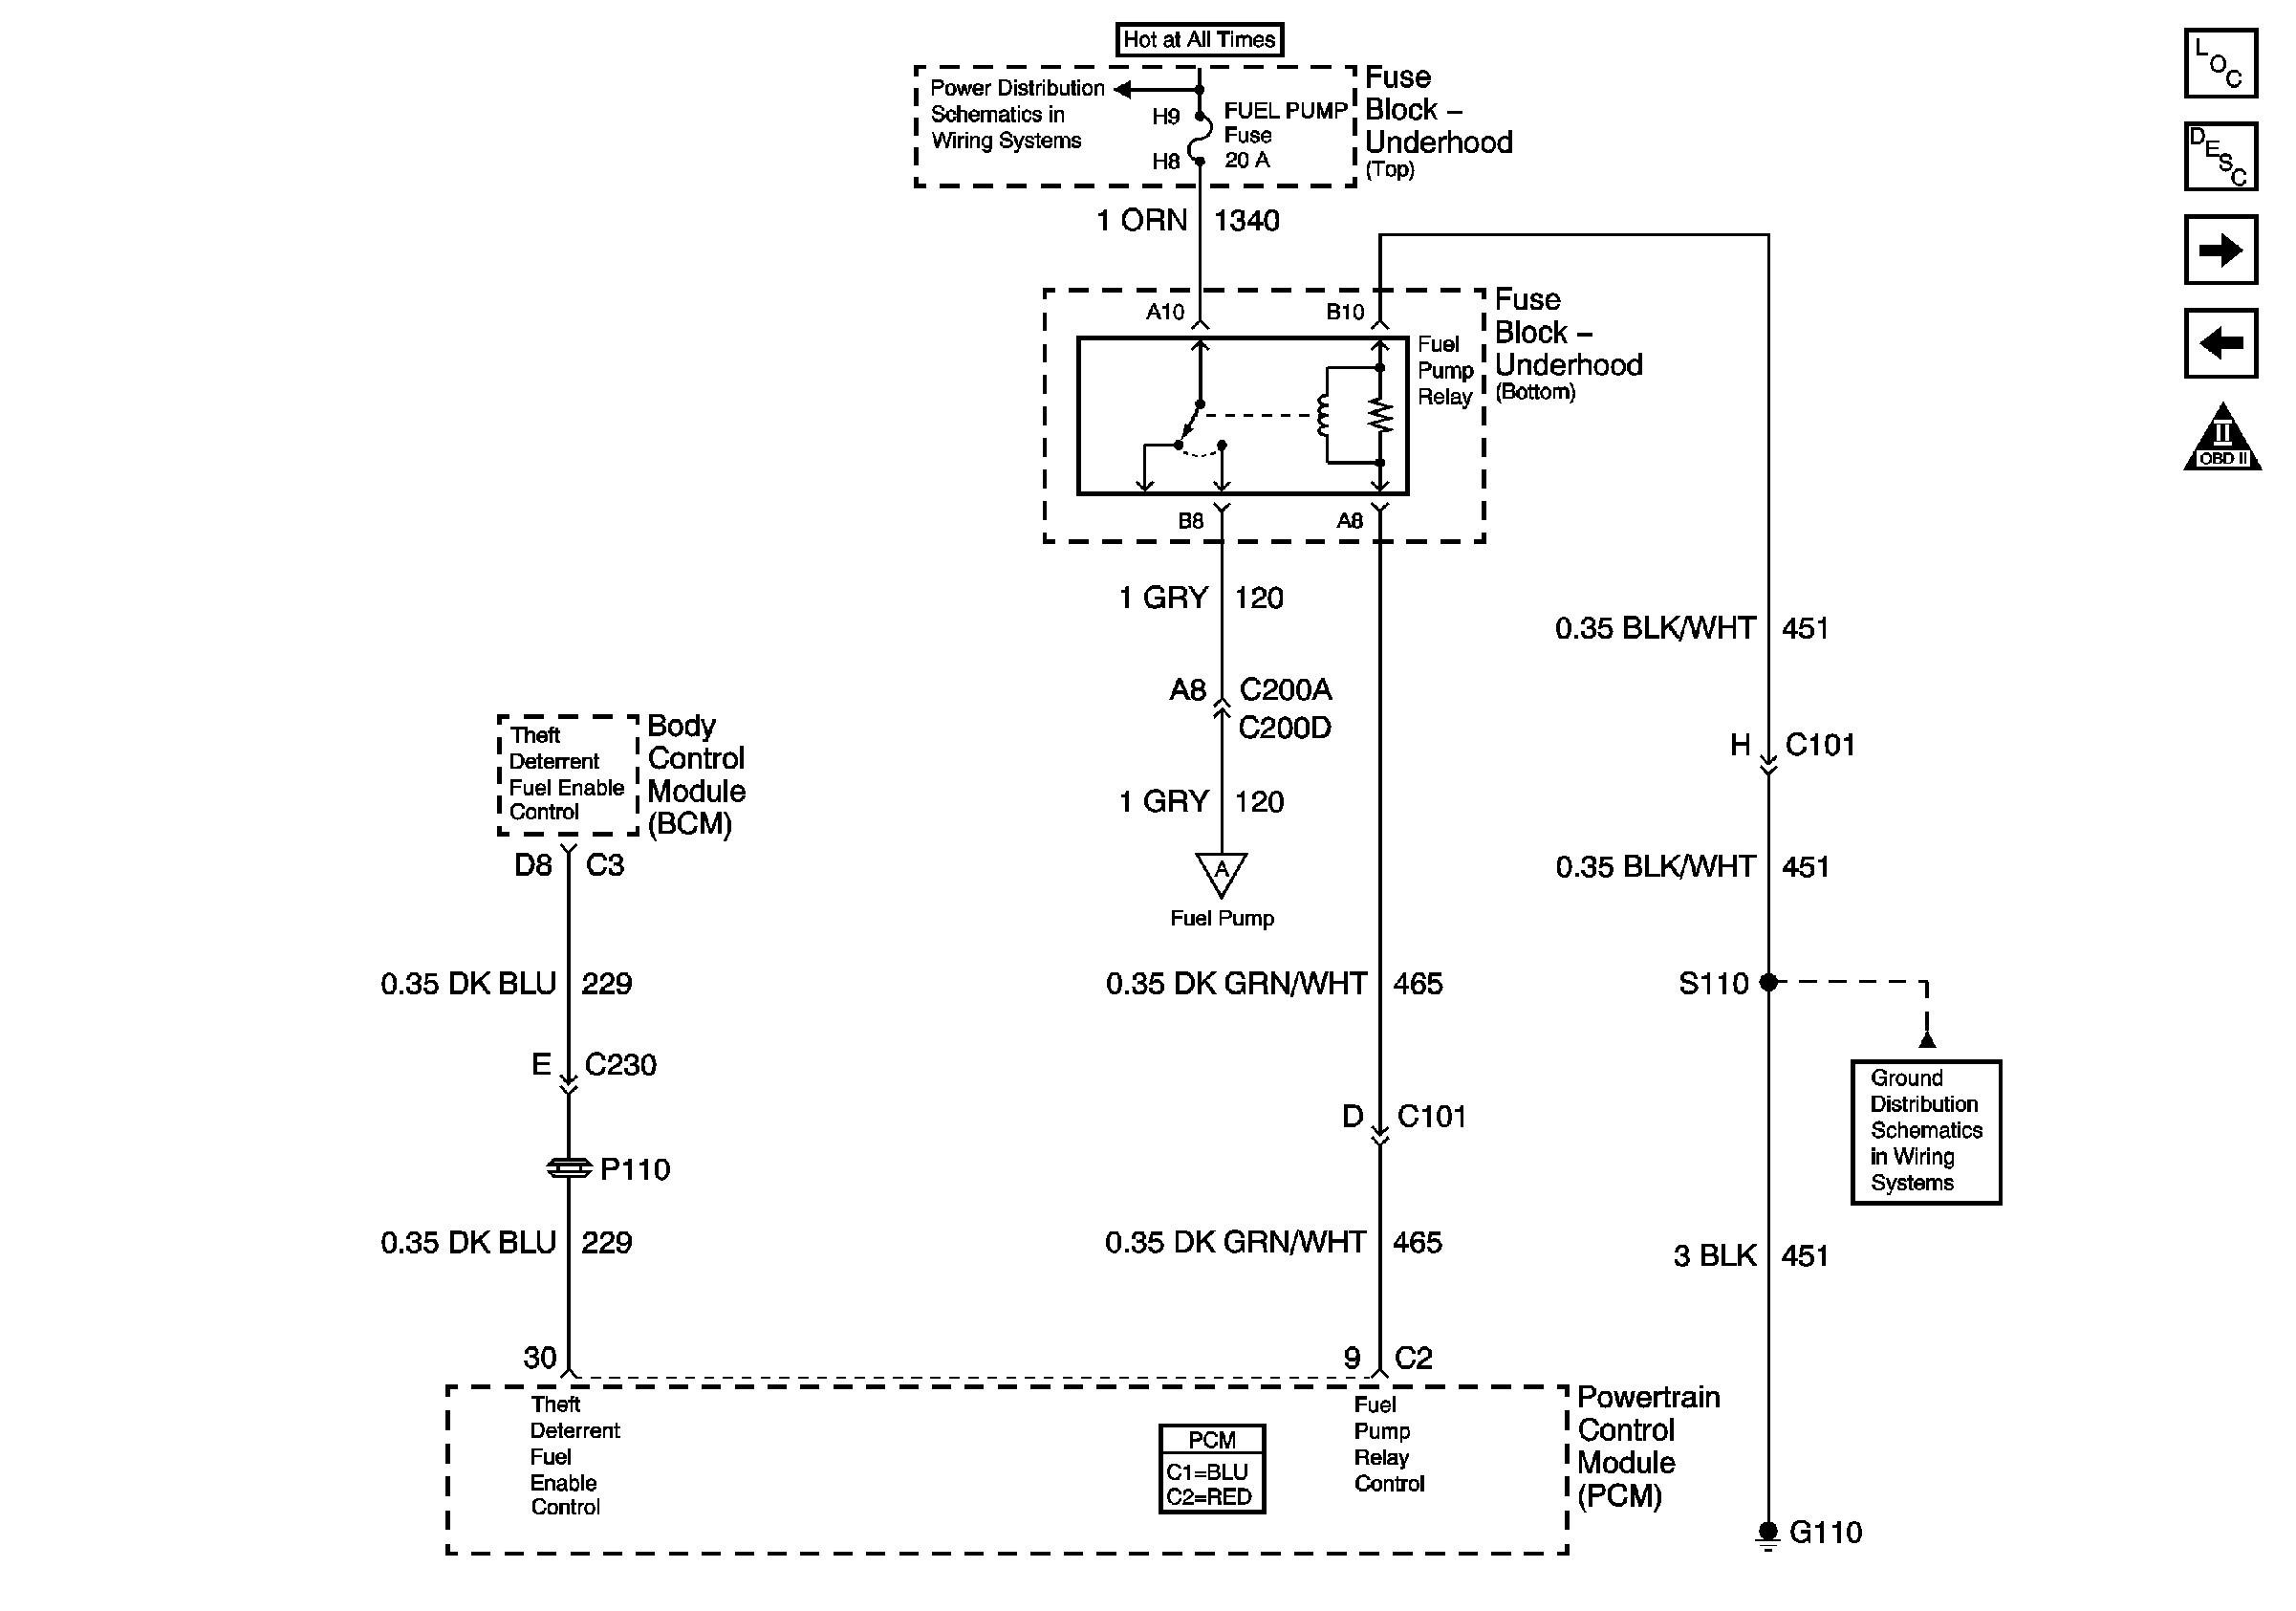 Vx Commodore Wiring Diagram: Vx Commodore Headlight Wiring Diagram - Wiring Diagram Insiderh:15.yymwe.beate-brueckenbauerin.de,Design